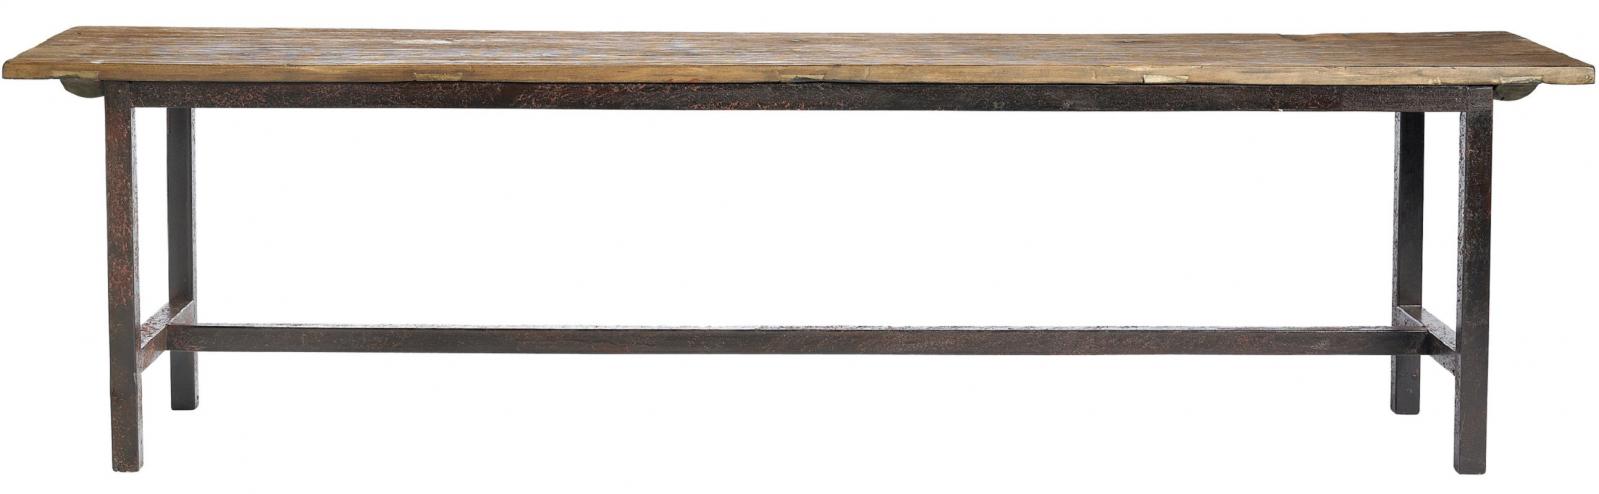 Nordal Raw Bænk - Længde 100 cm - Natur - bænk